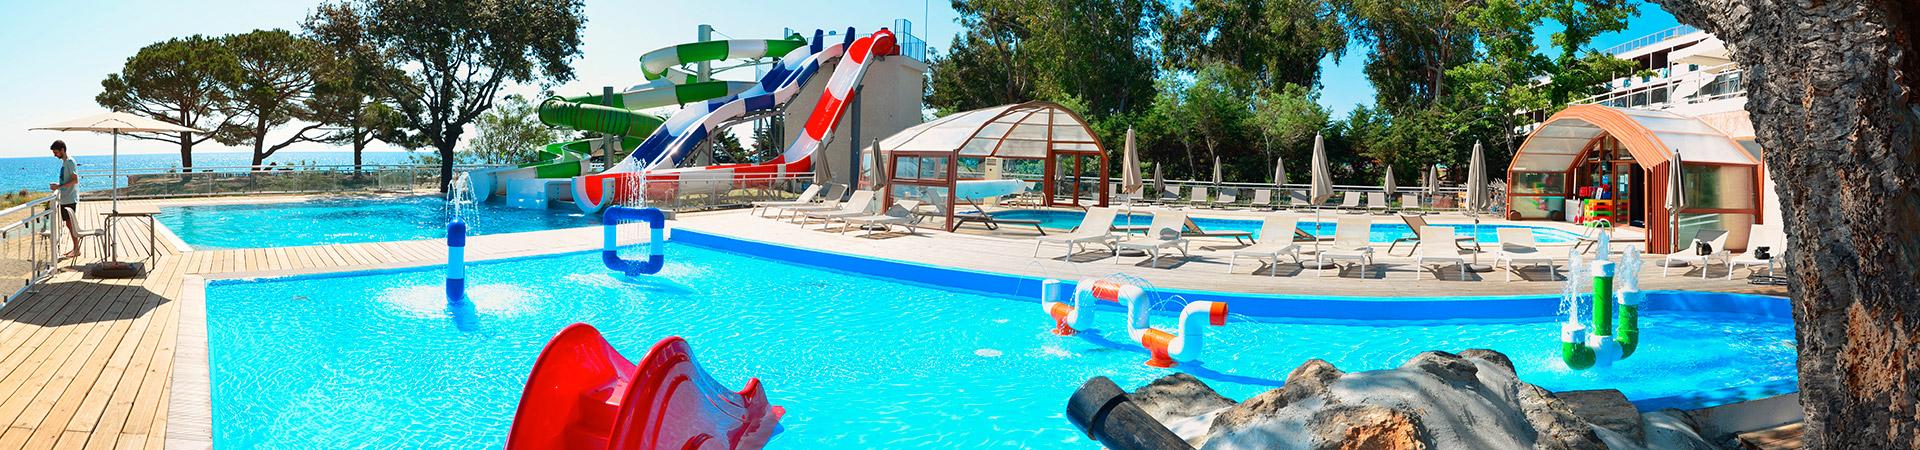 parc-aquatique-jeux-toboggans-camping